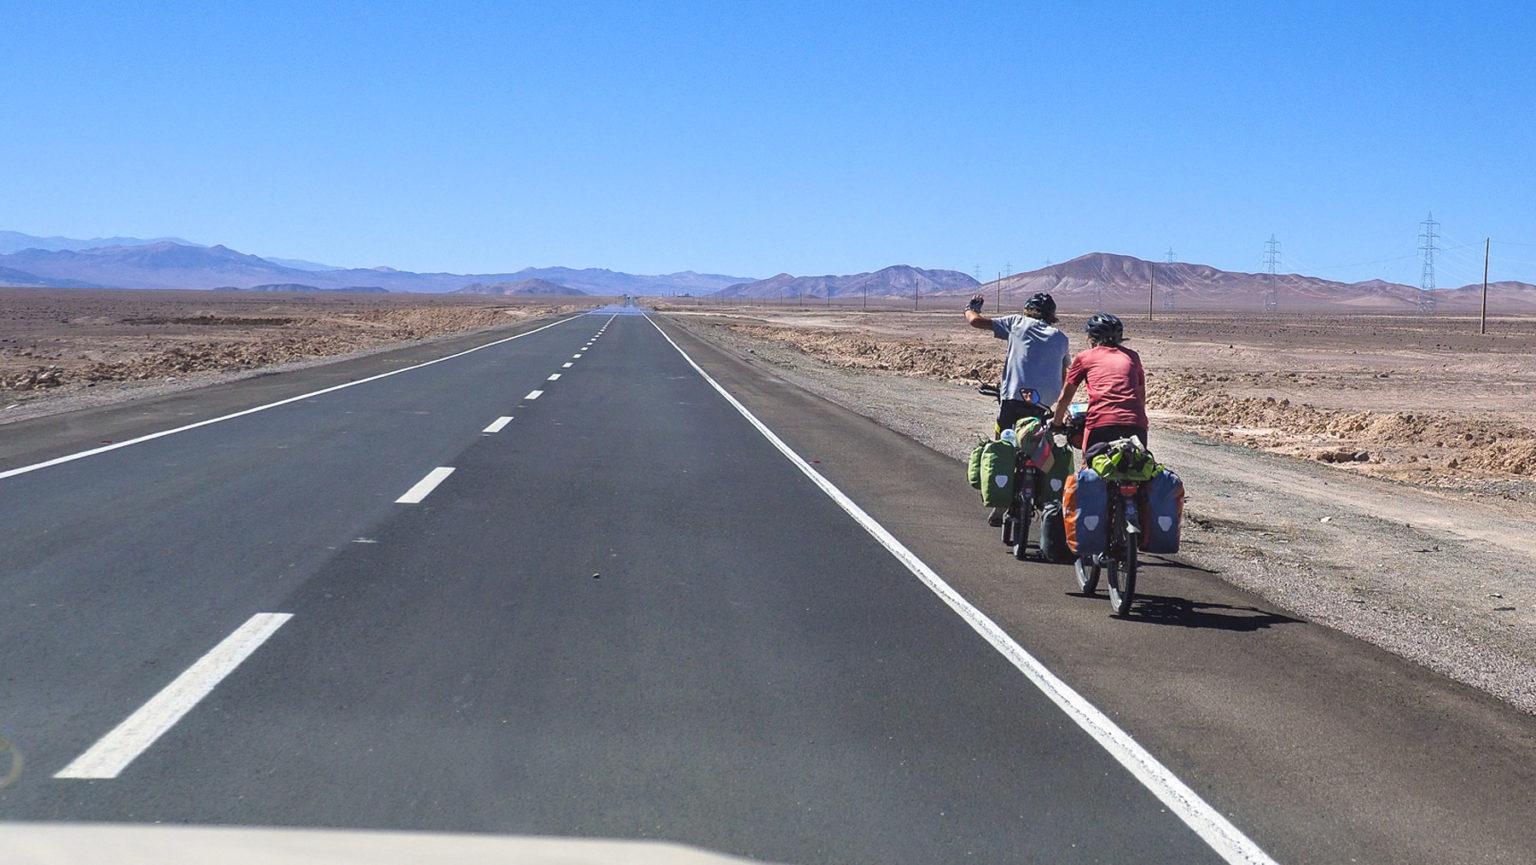 Verrückte Radler, Fritz und Karin, auf der Panamericana durch die heiße  Atacama Wüste